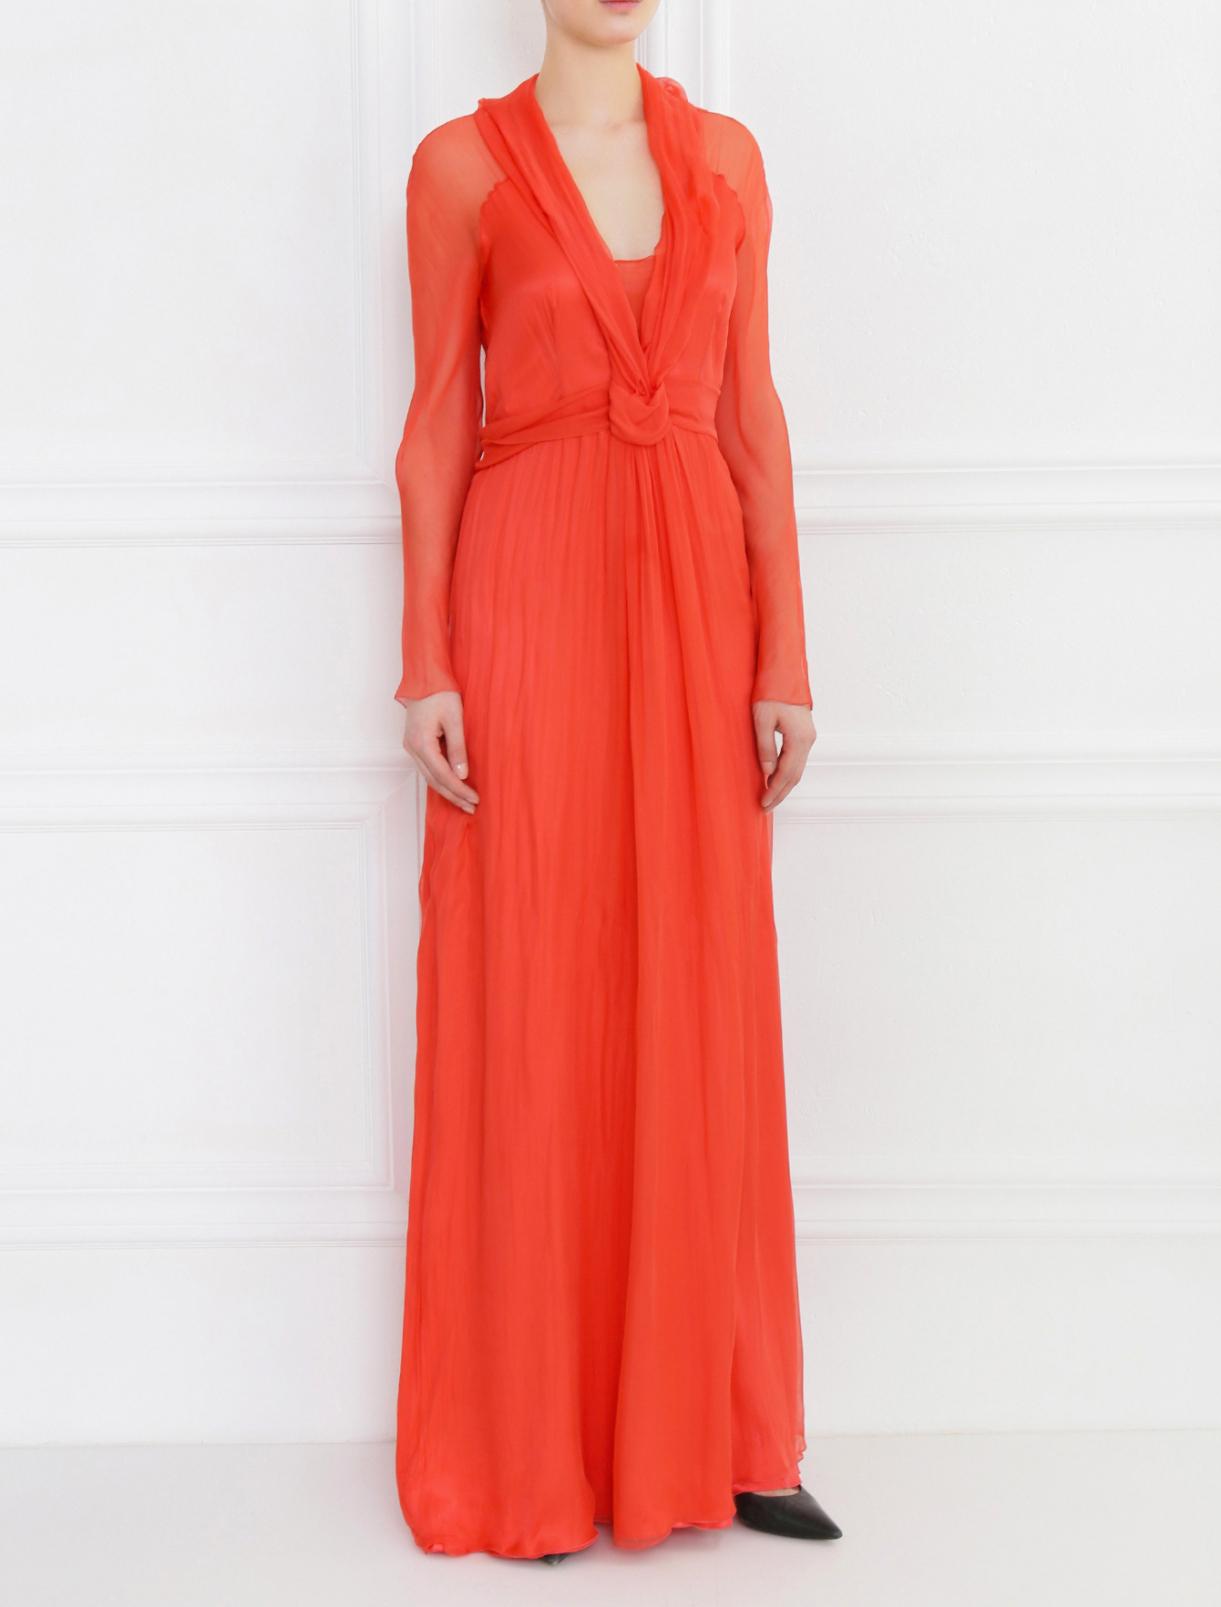 Платье-макси из шелка с драпировкой Alberta Ferretti  –  Модель Общий вид